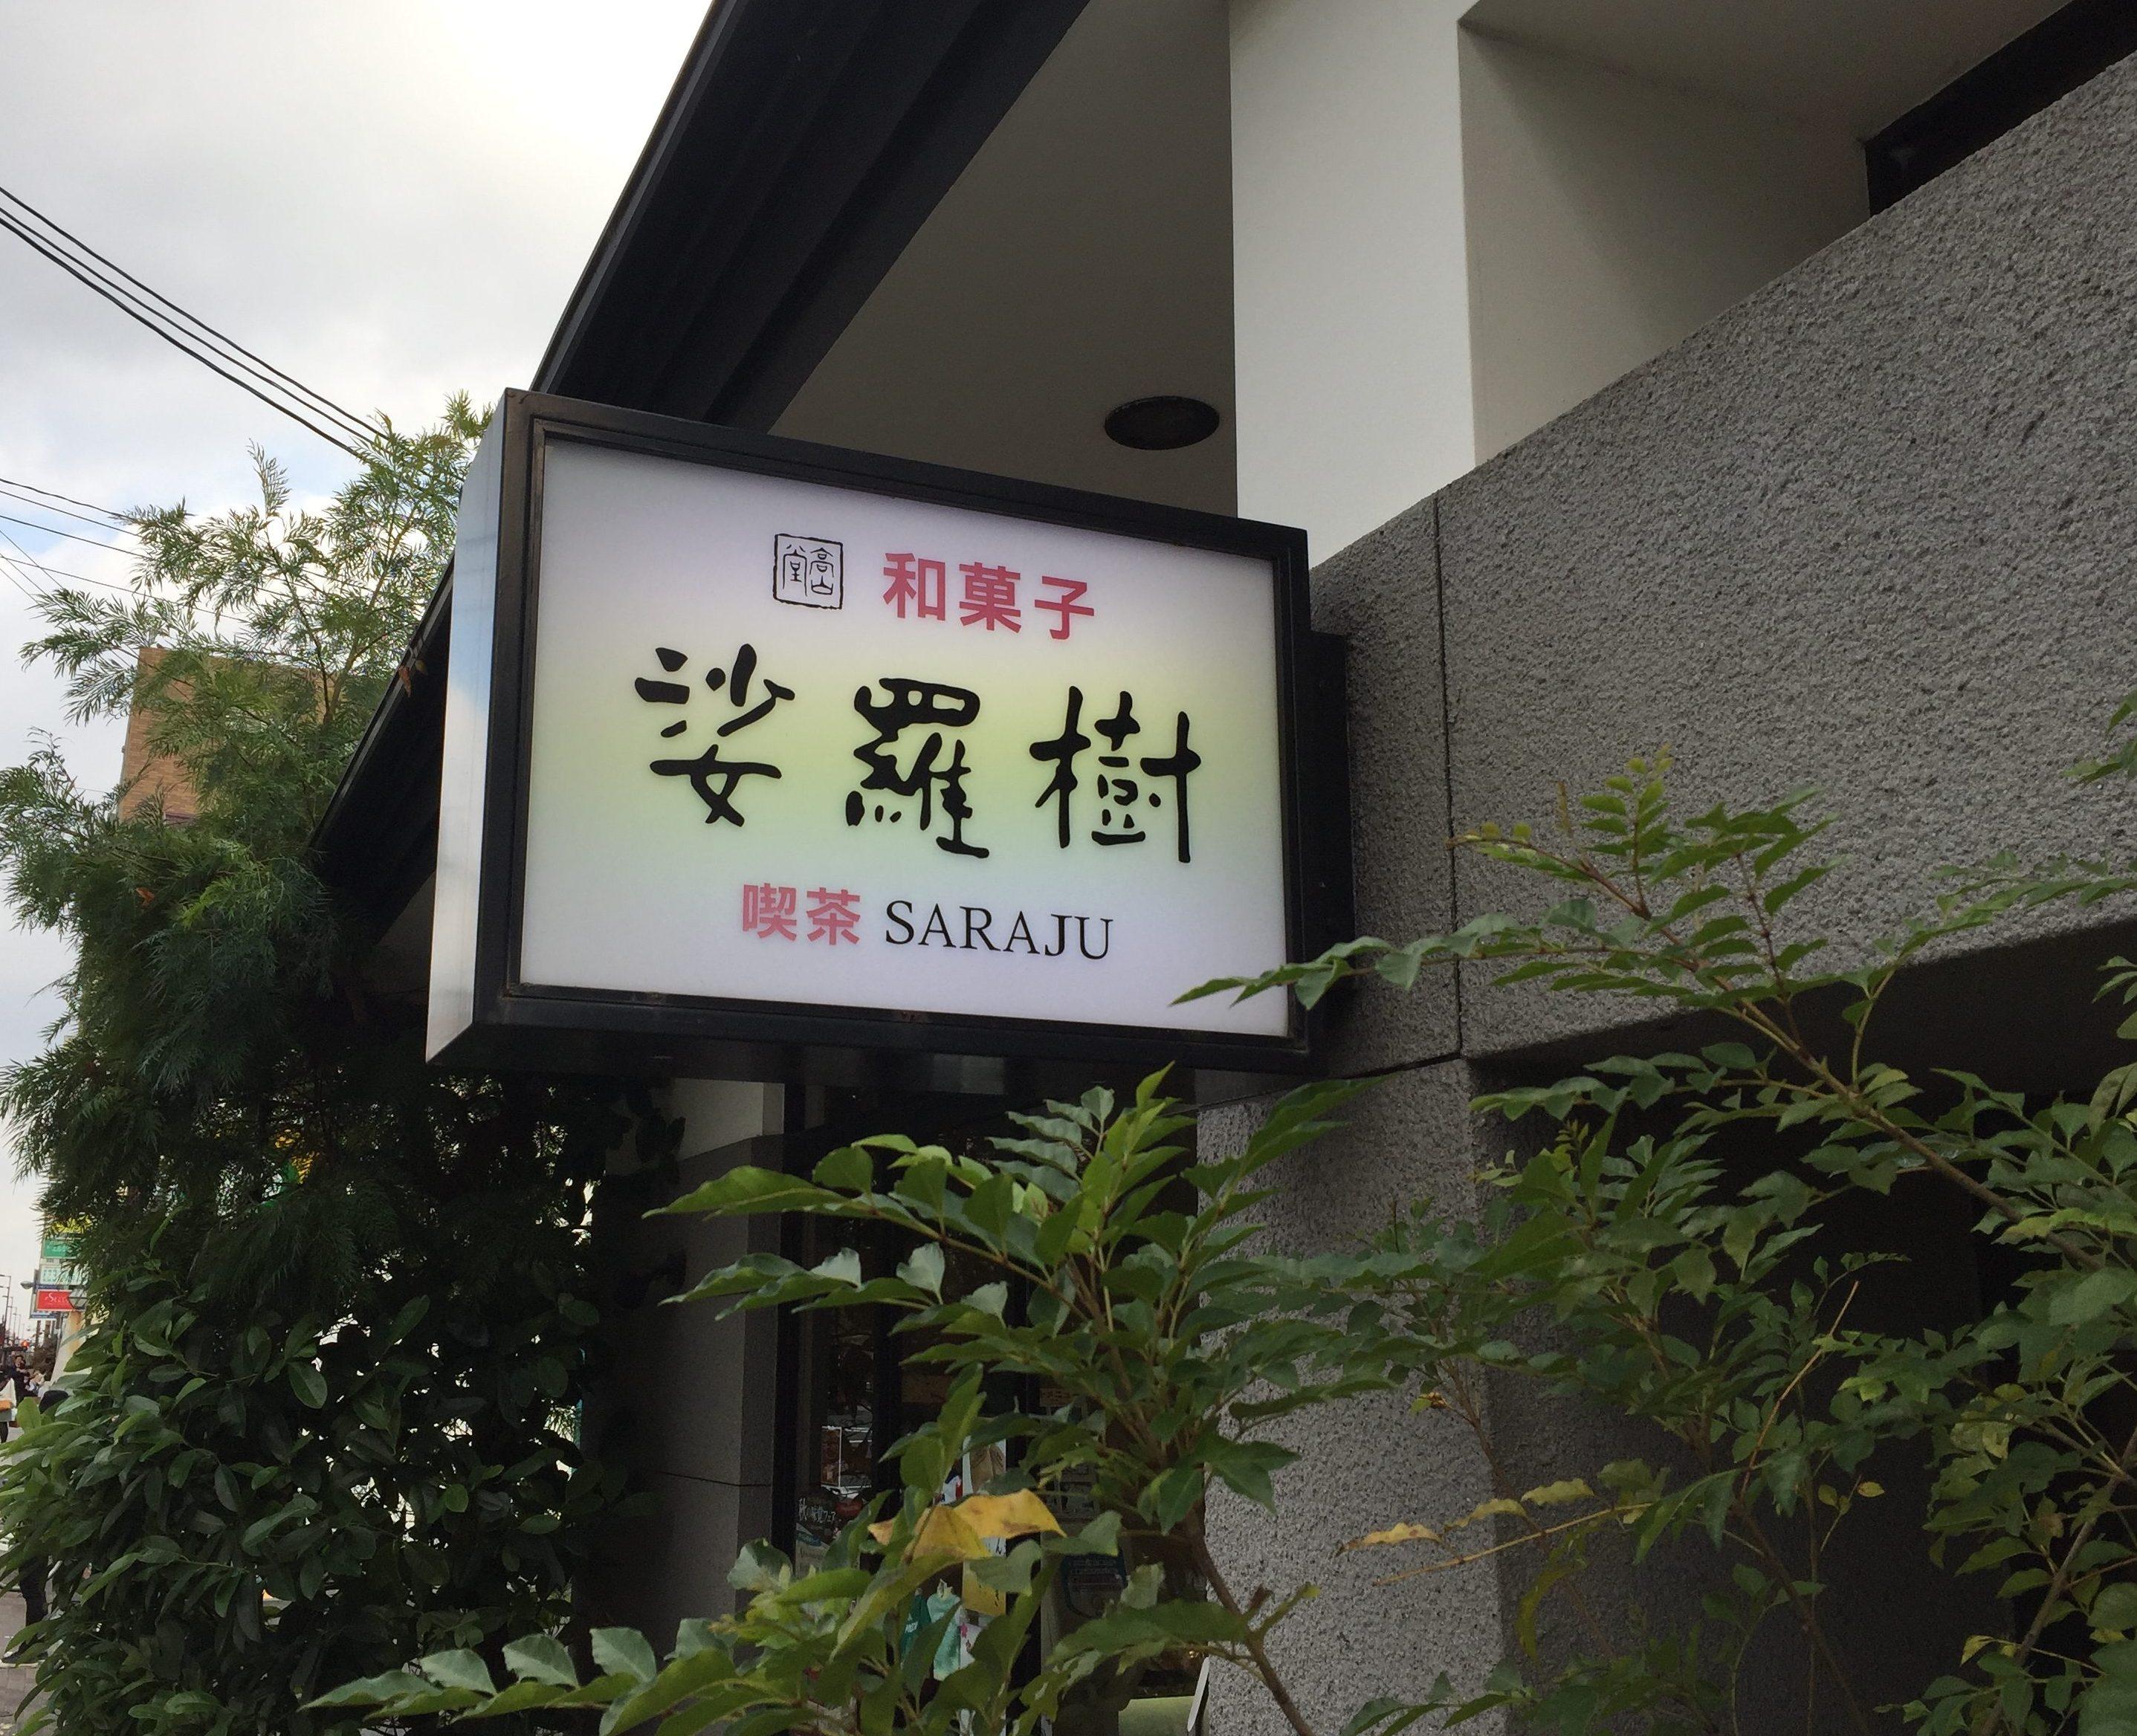 神戸・岡本で有名な喫茶と和菓子「娑羅樹」の「岡本限定 梅あんまき」を食す!【※映画紹介&ひがしなだスイーツめぐり対象】